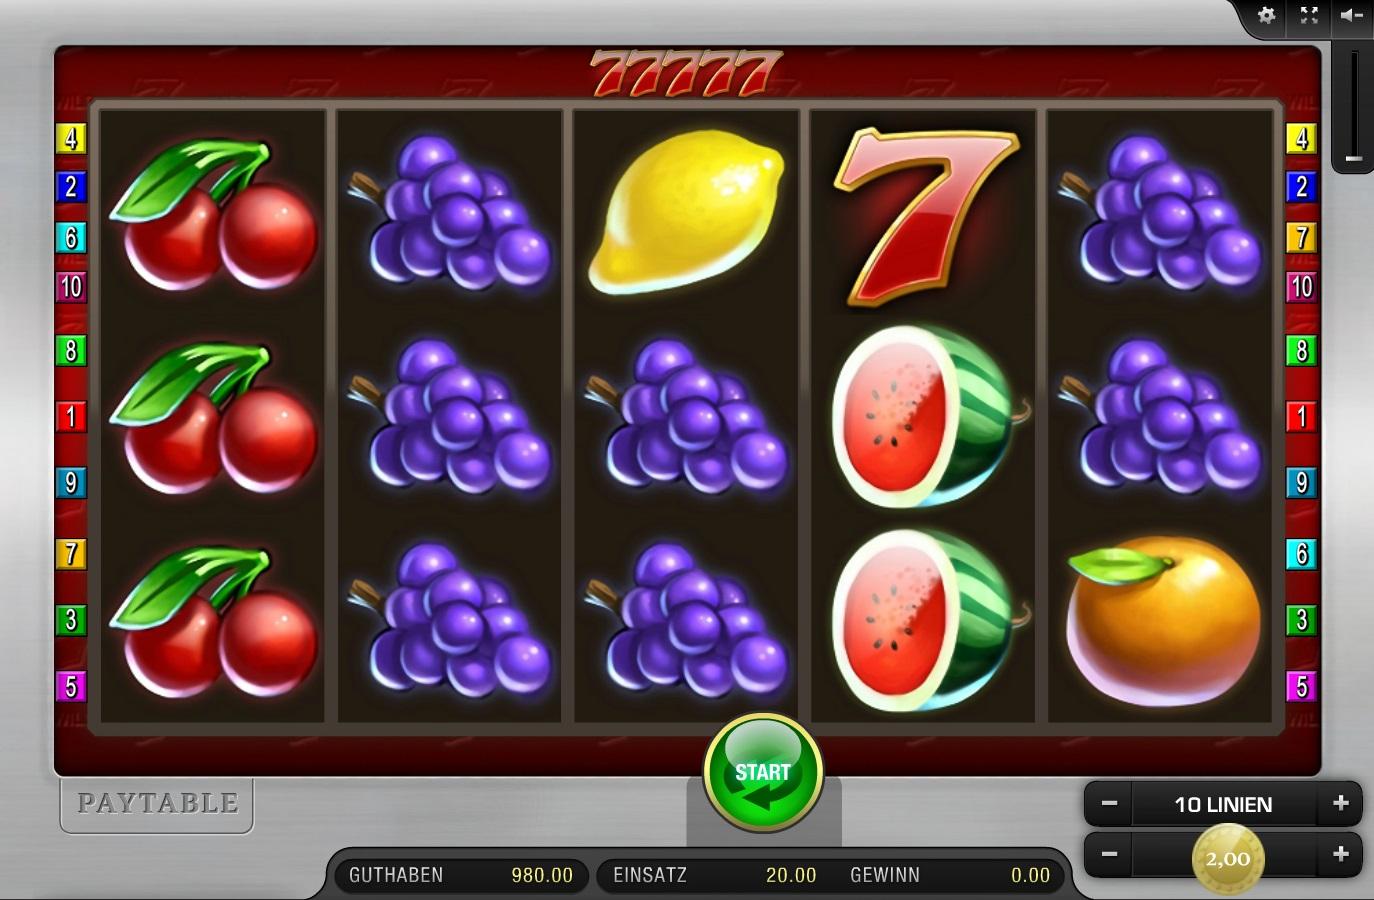 Casino Echtgeld häufigsten gewählt -899050